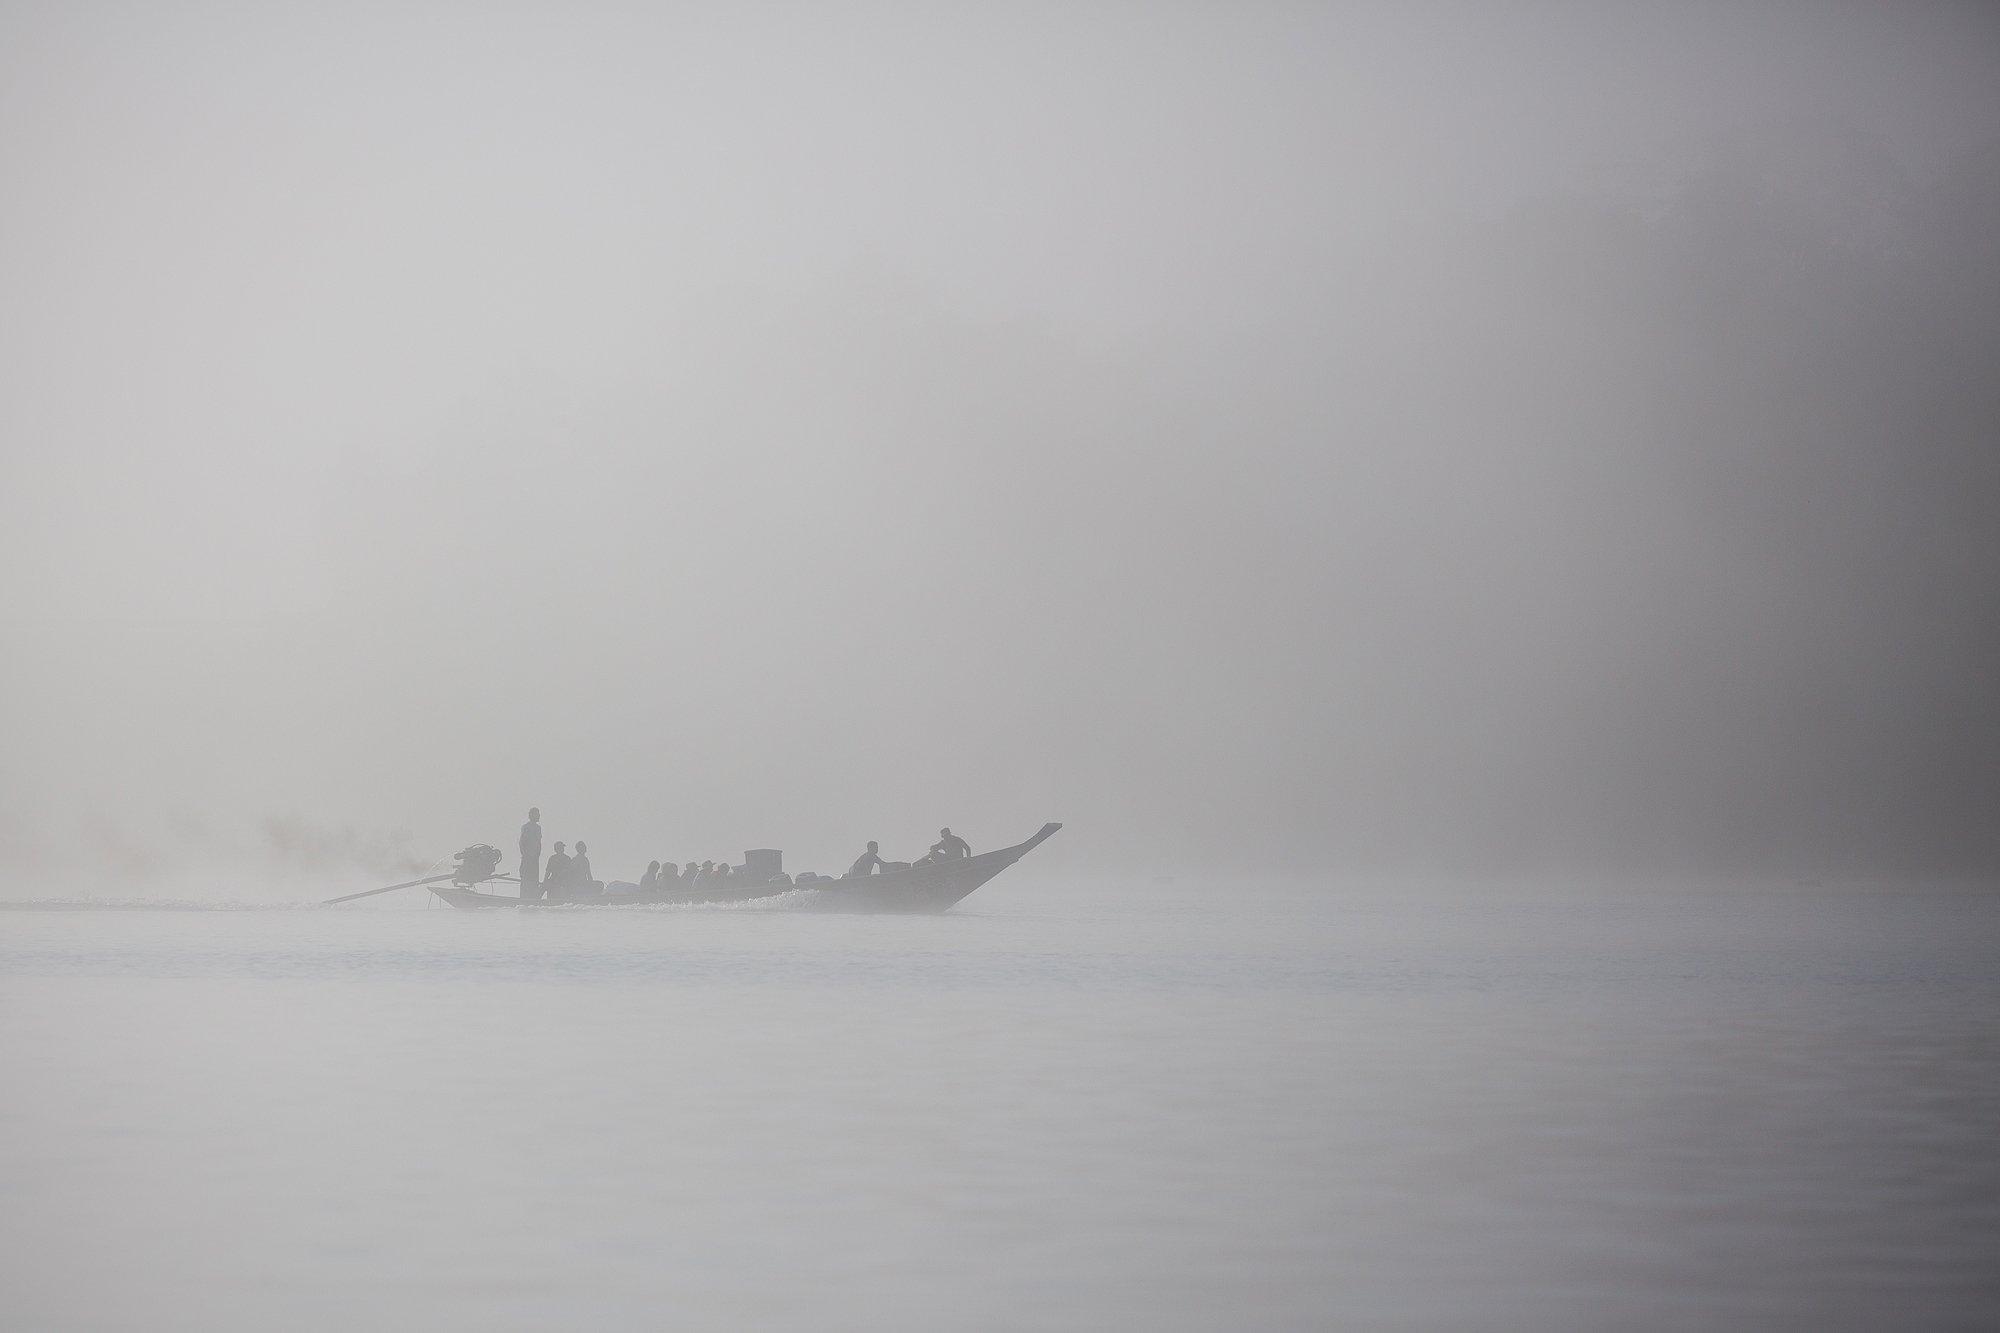 таиланд, озеро, чео лан, лодка, Николай